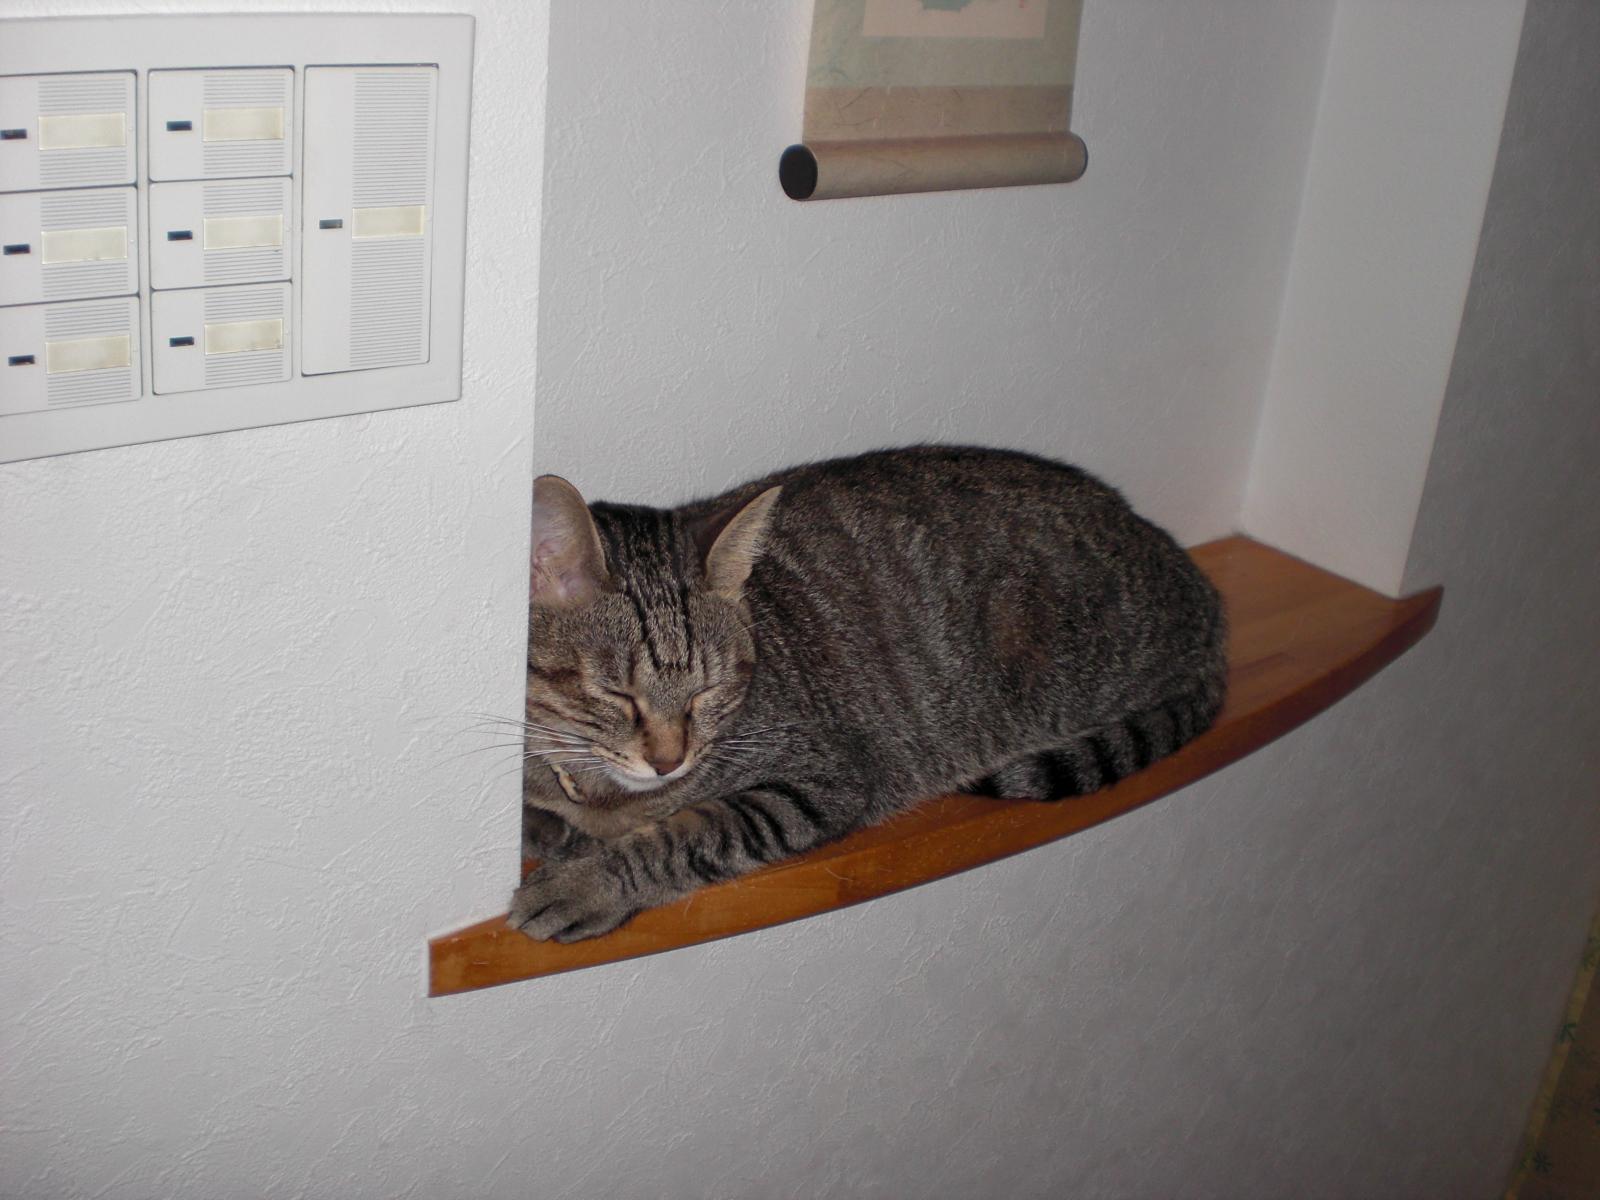 愛猫HANAの粗相とおかしな行動について